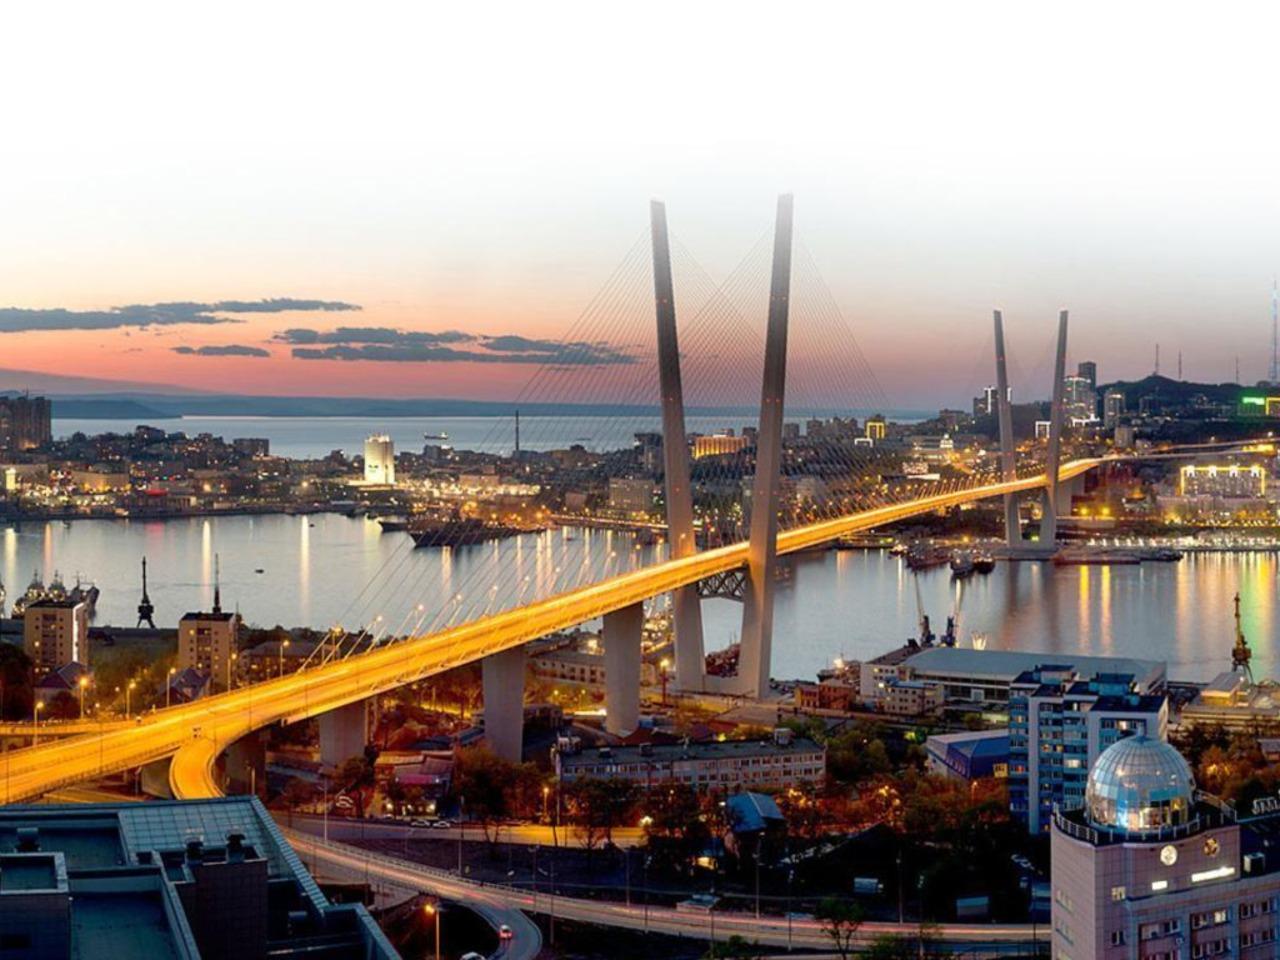 Западный Восток: прогулка на стыке двух культур   - индивидуальная экскурсия по Владивостоку от опытного гида